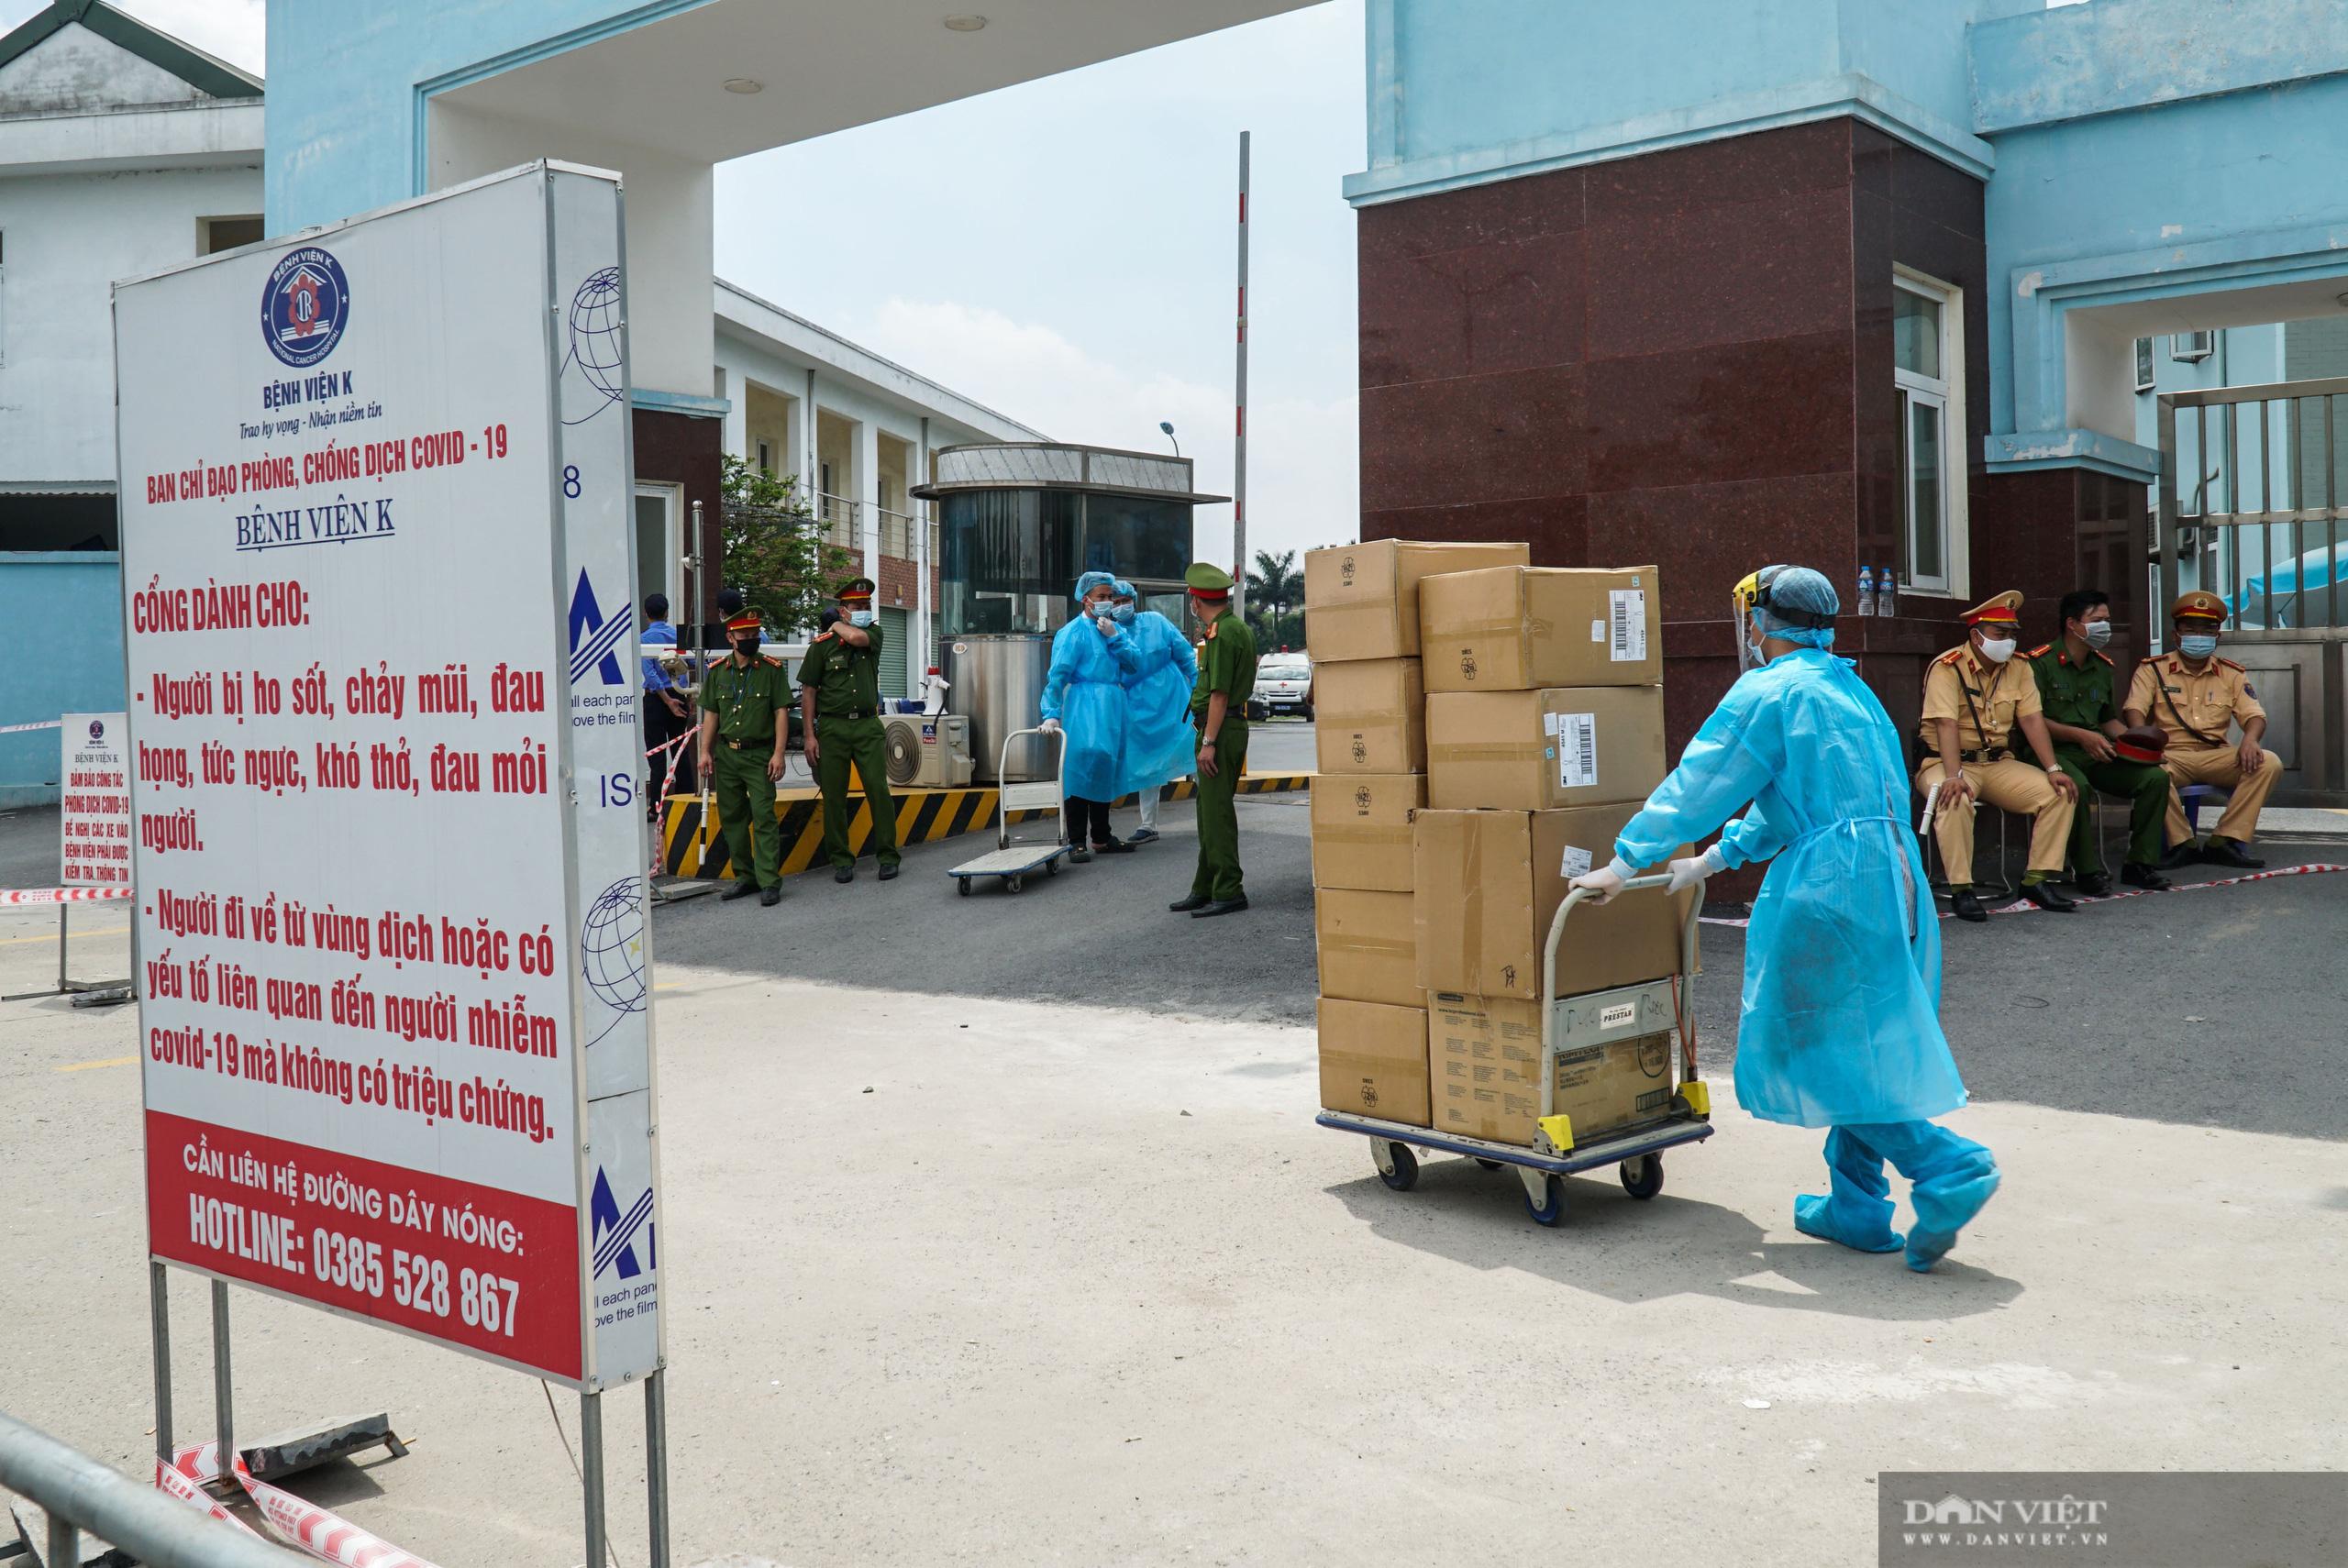 Bệnh viện K Tân Triều bị phong toả, người thân đội nắng tiếp tế đồ ăn - Ảnh 2.